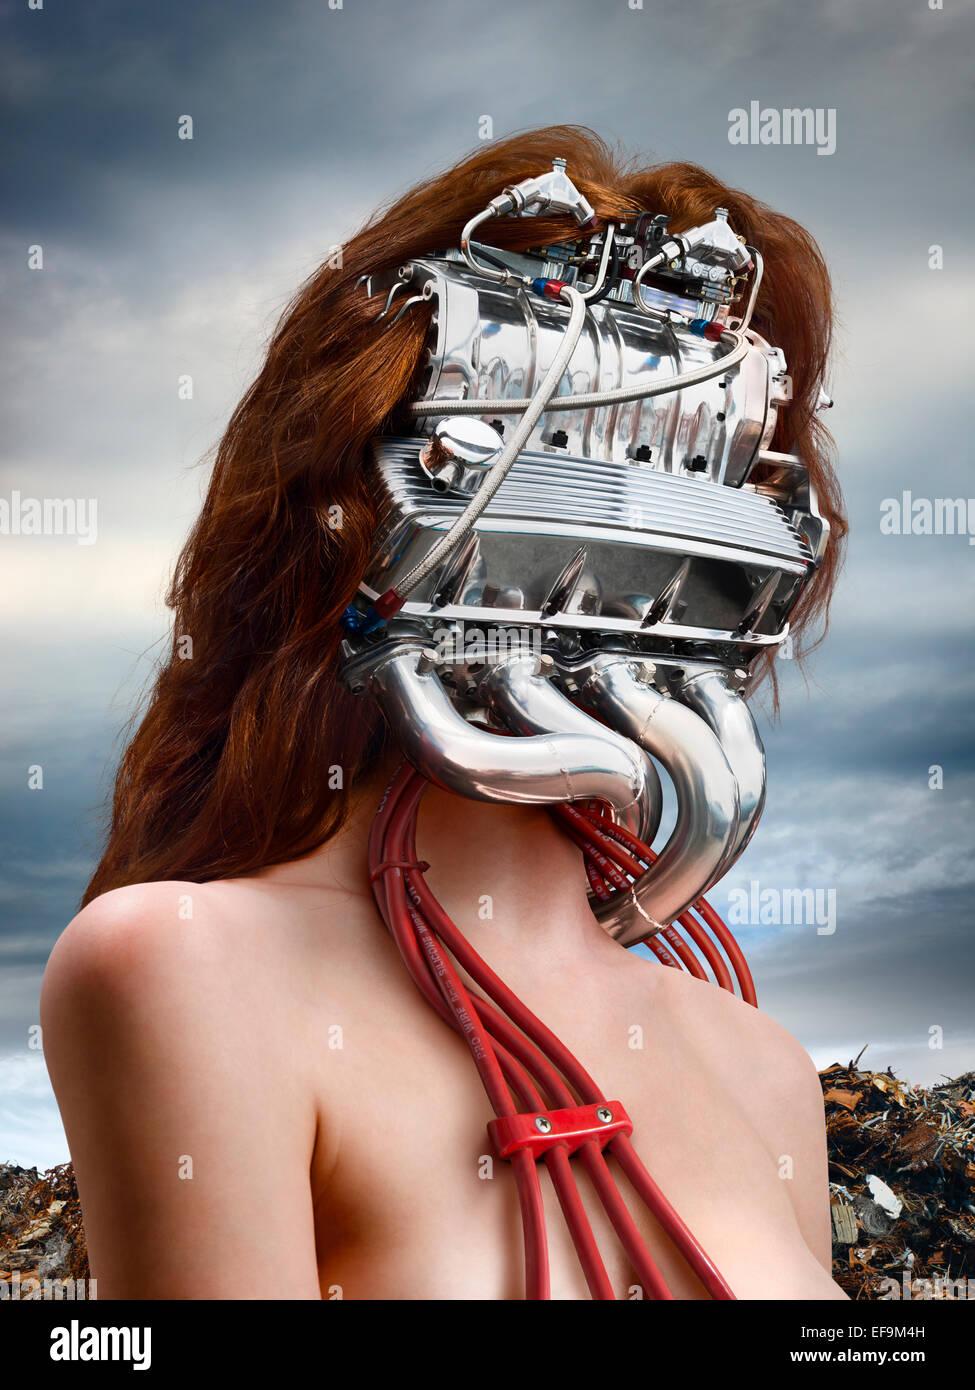 Image de la femme fantaisie verticale avec un moteur de voiture pour une tête avec un junkyard derrière Photo Stock